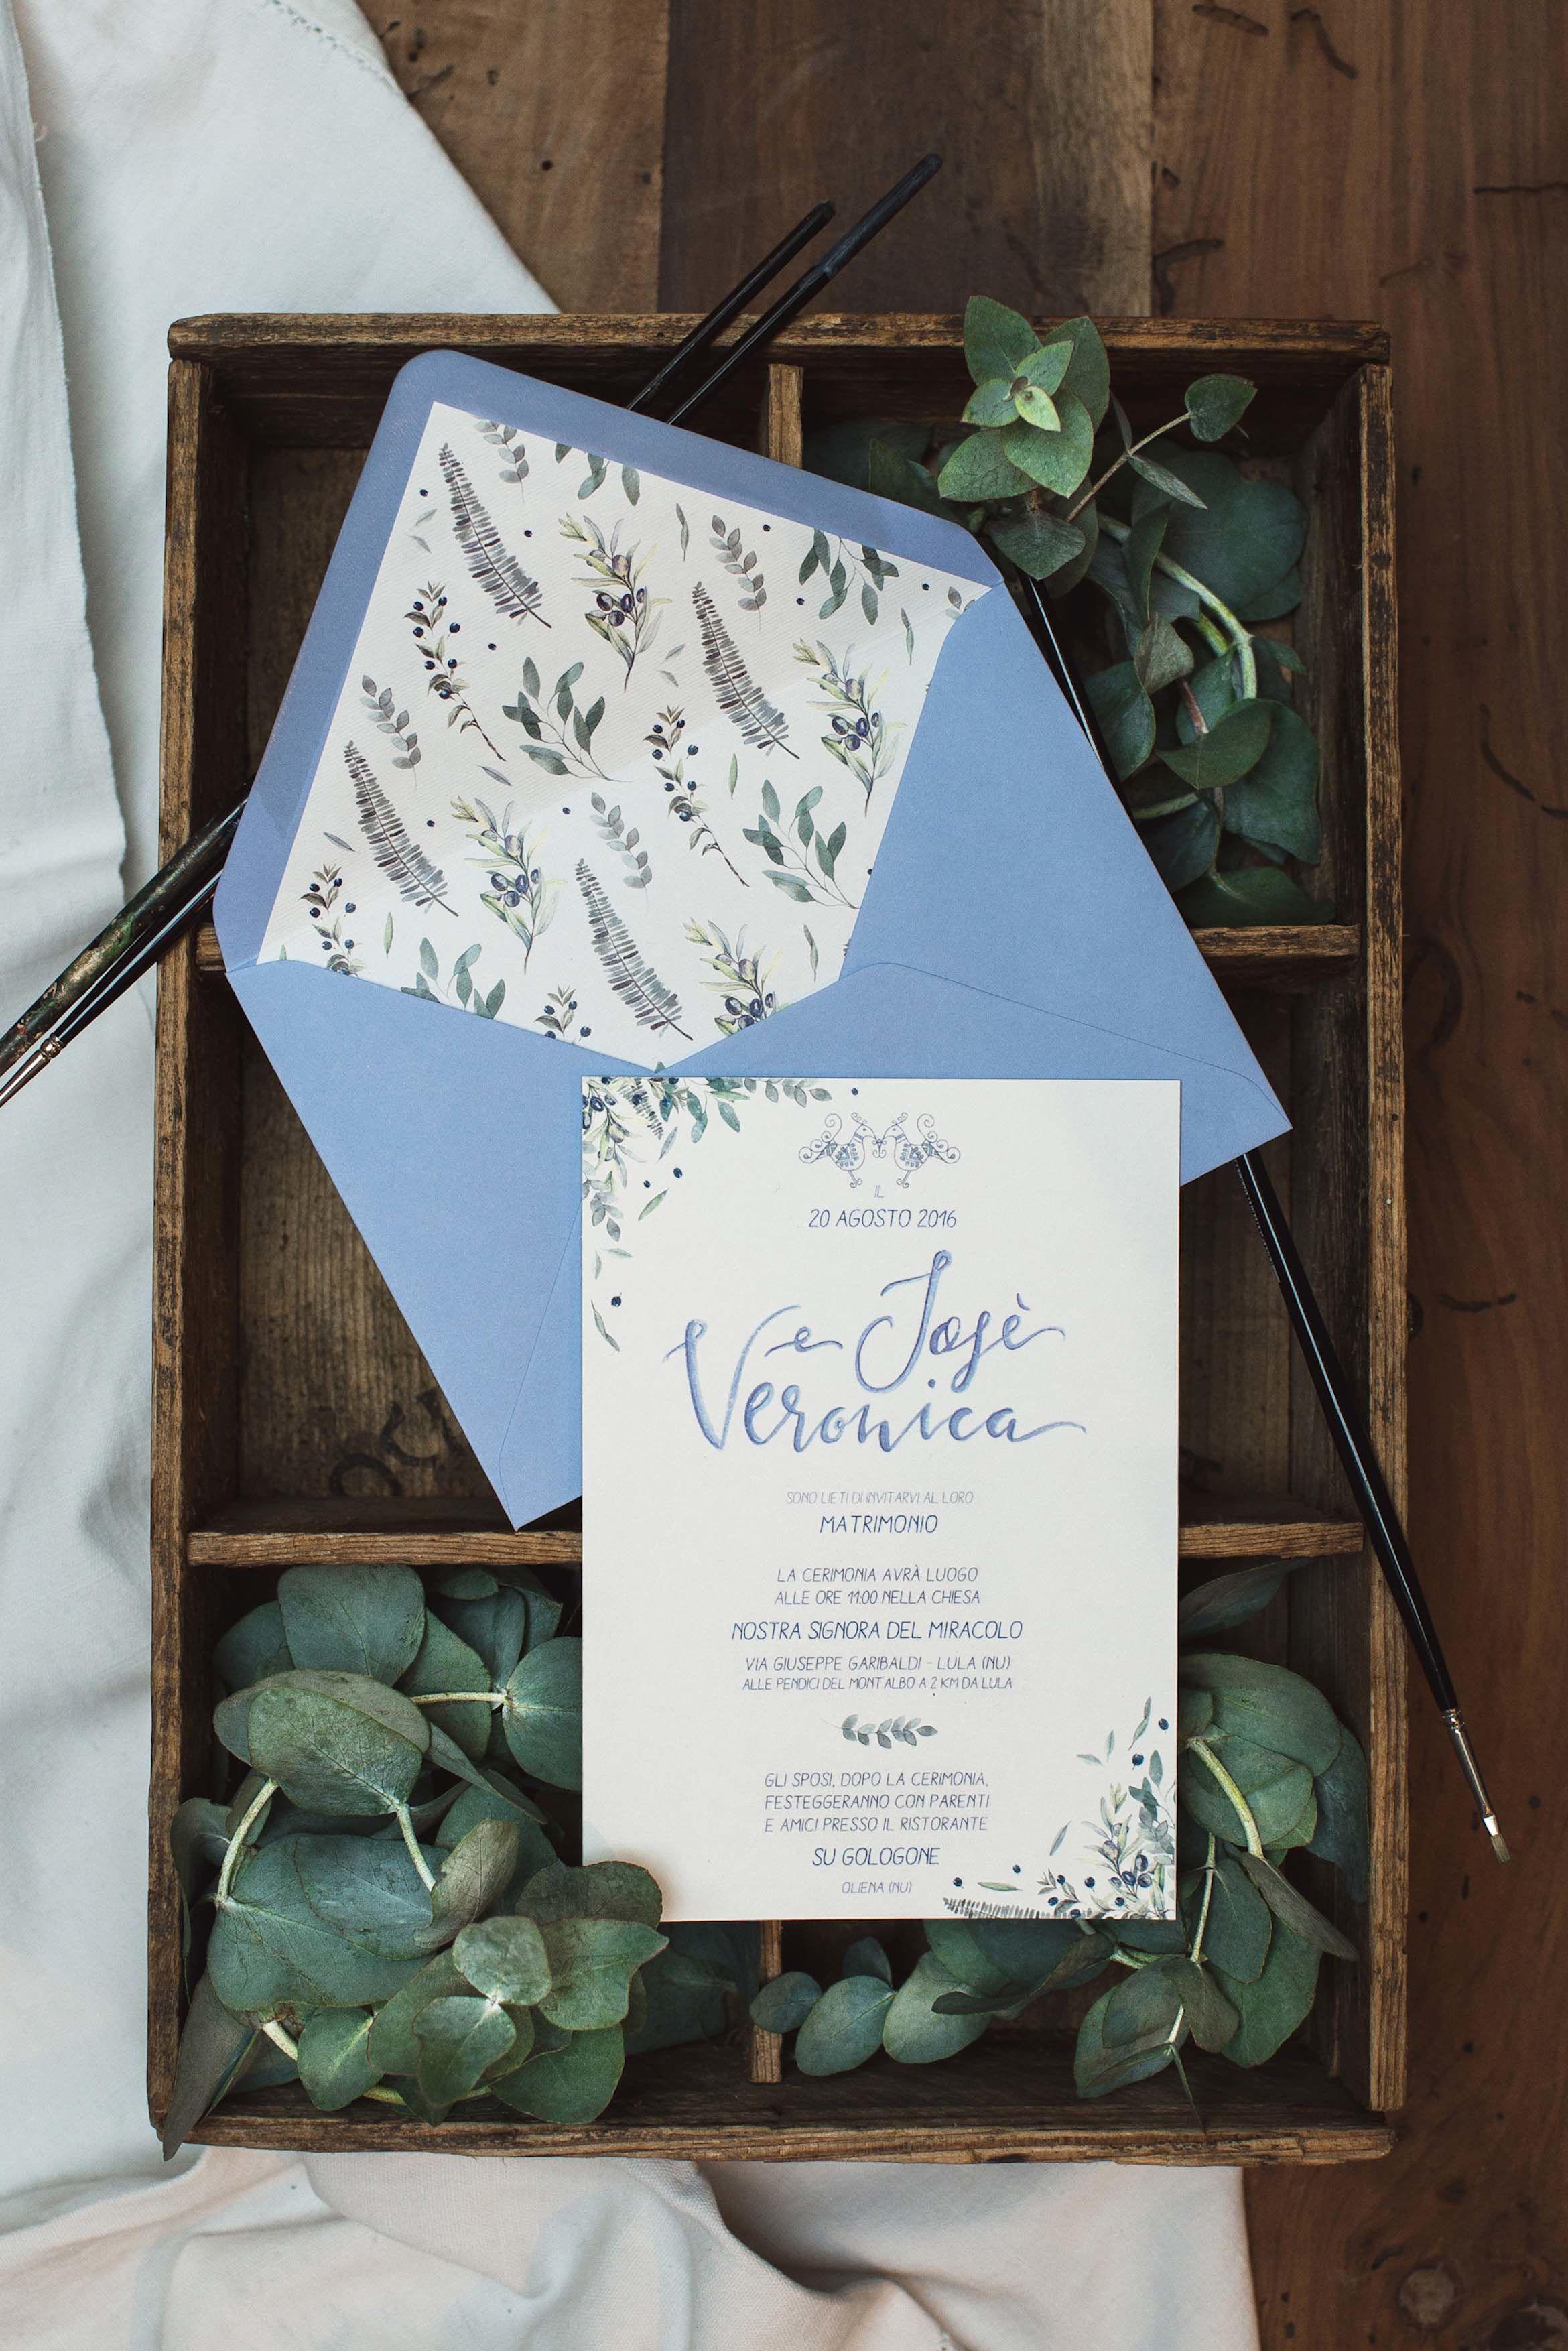 Partecipazioni Matrimonio Azzurro : Invito matrimonio personalizzato azzurro acquerello studio alispi